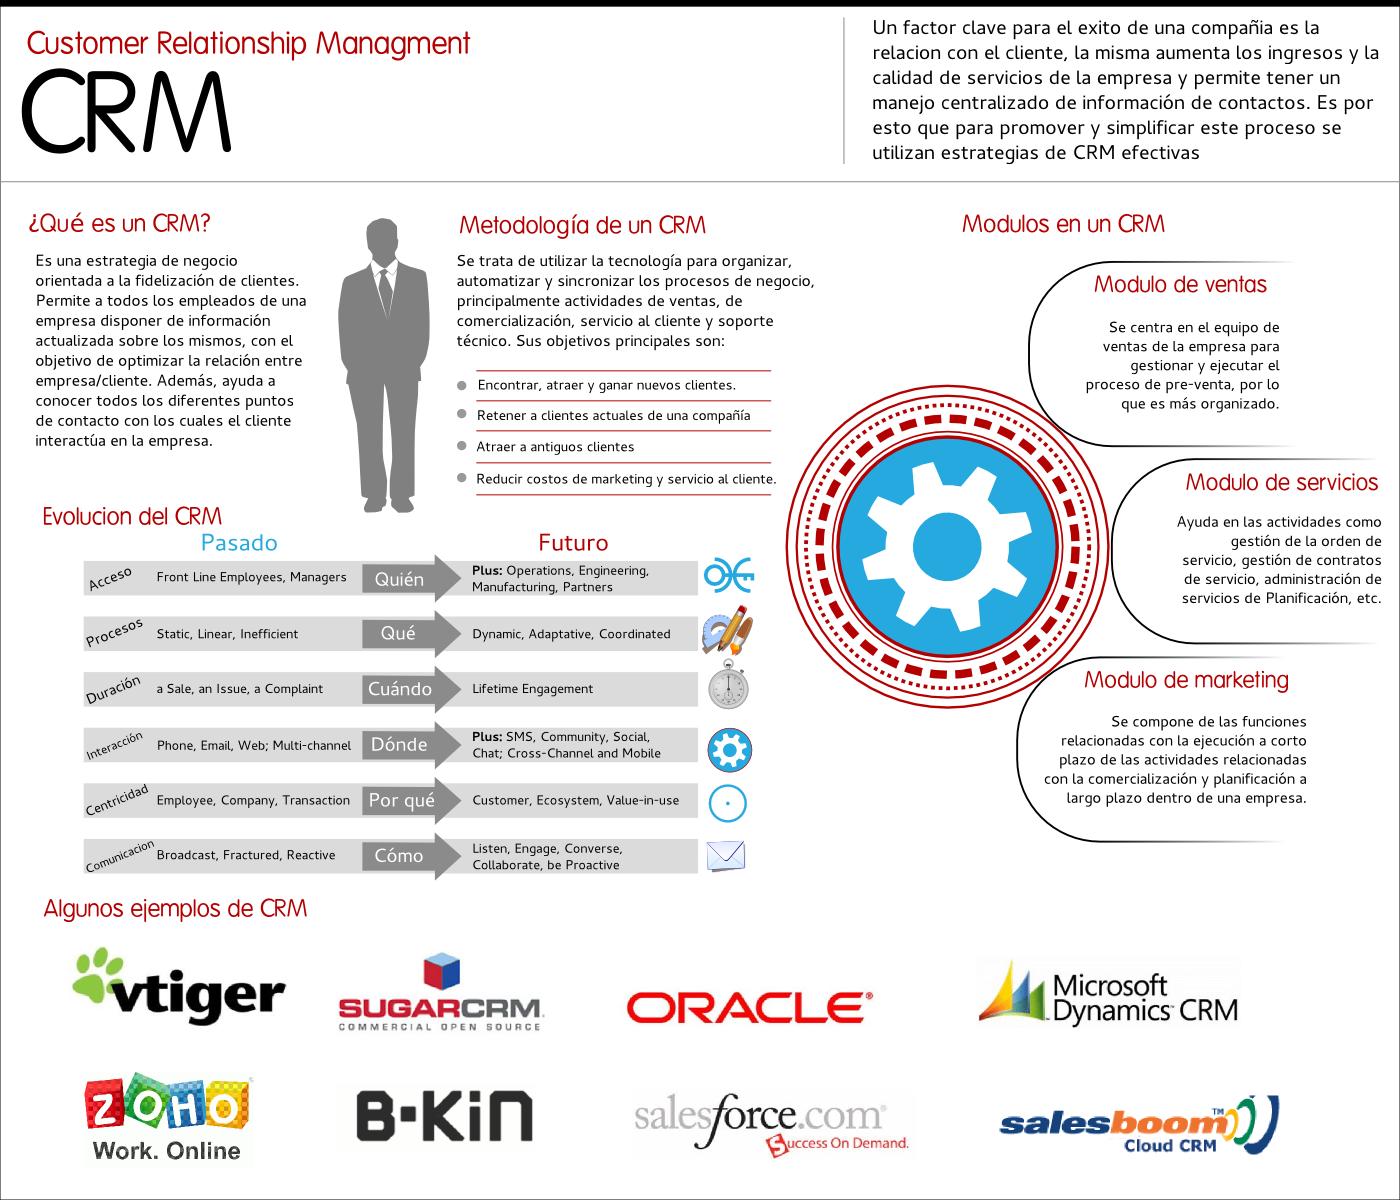 El #CRM ¿una ayuda para competir en tiempos difíciles? por Davide Menini (4/4)